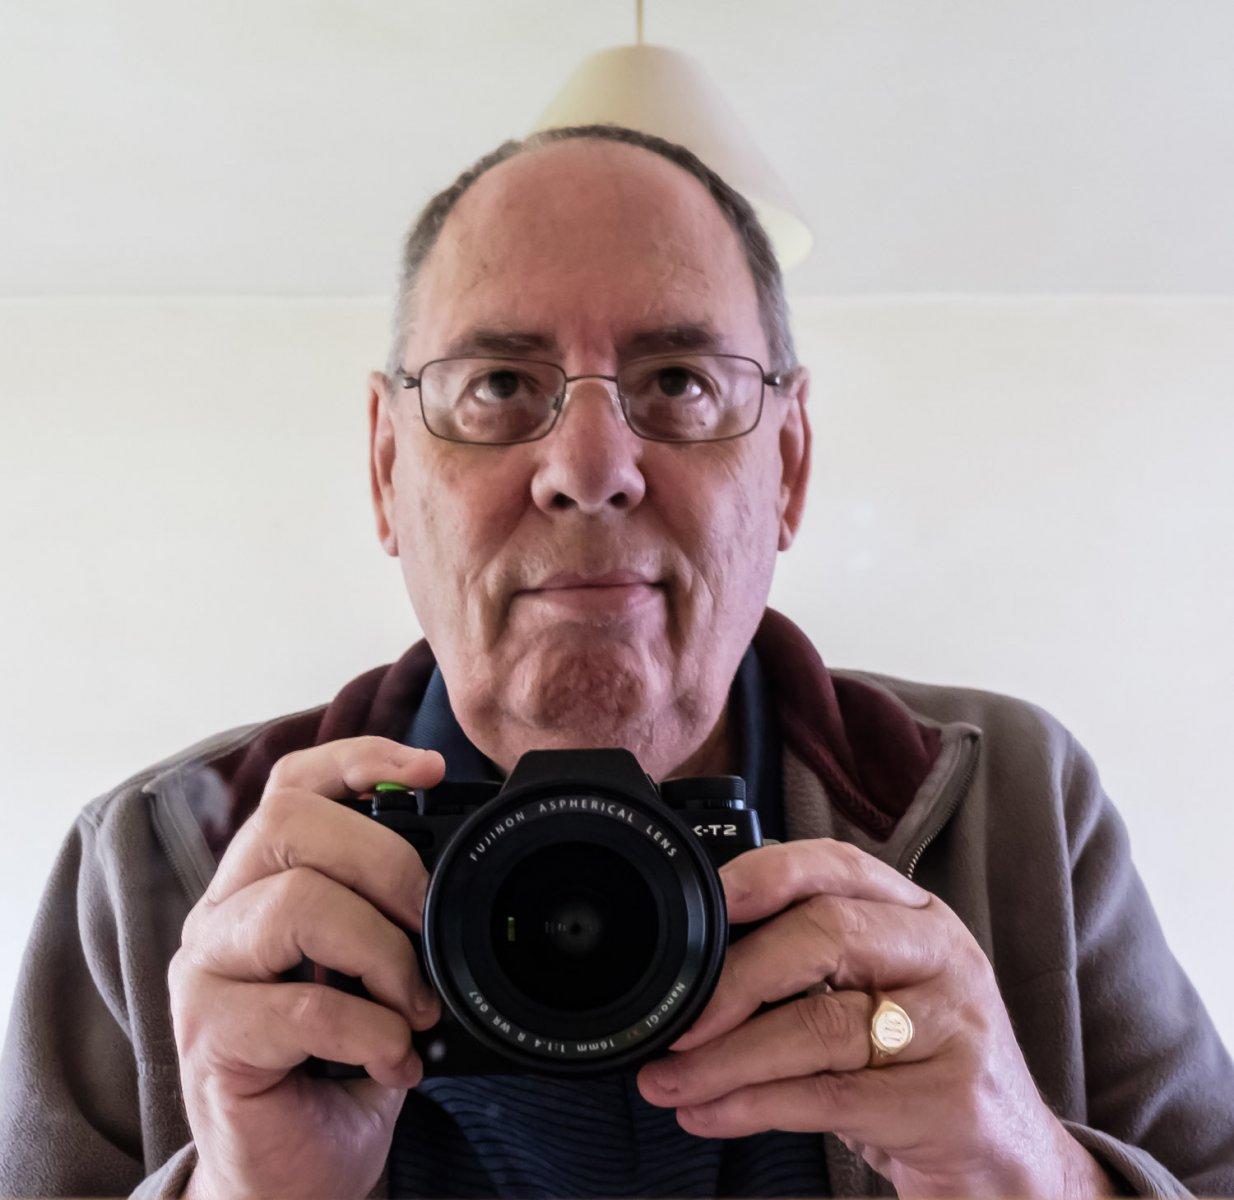 Me Selfie.jpg